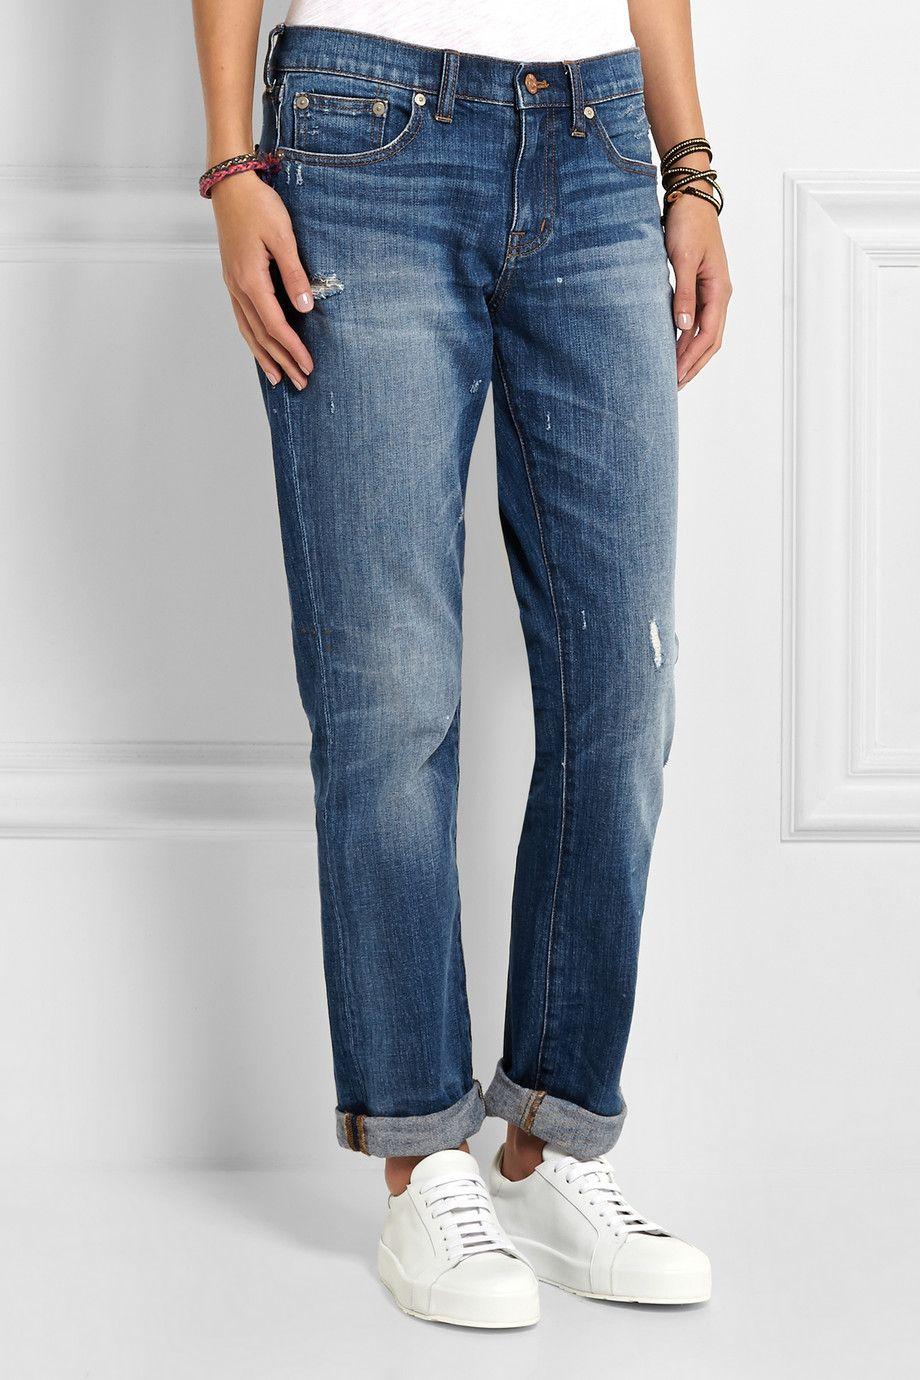 Madewellboyfriend jeans